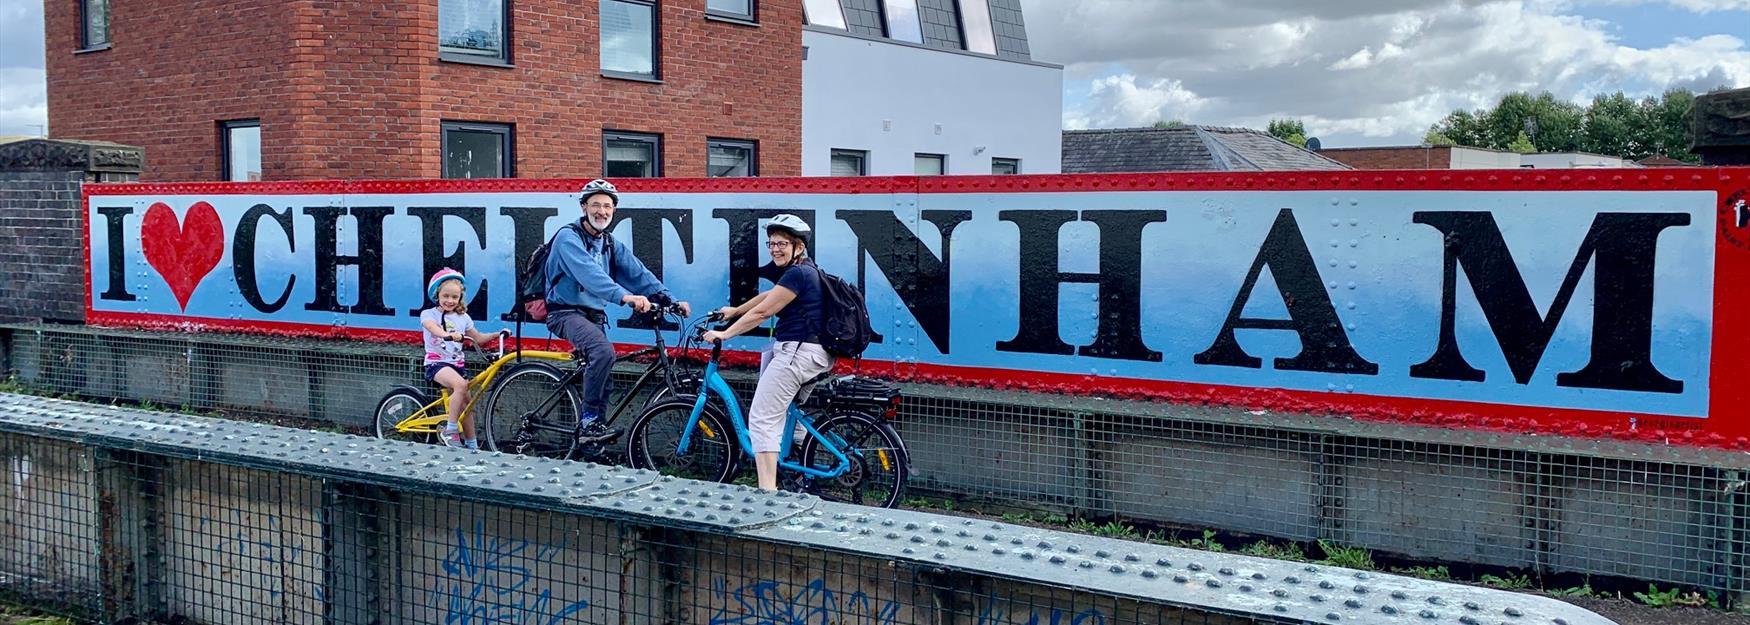 Family on bikes in front of I love Cheltenham street art